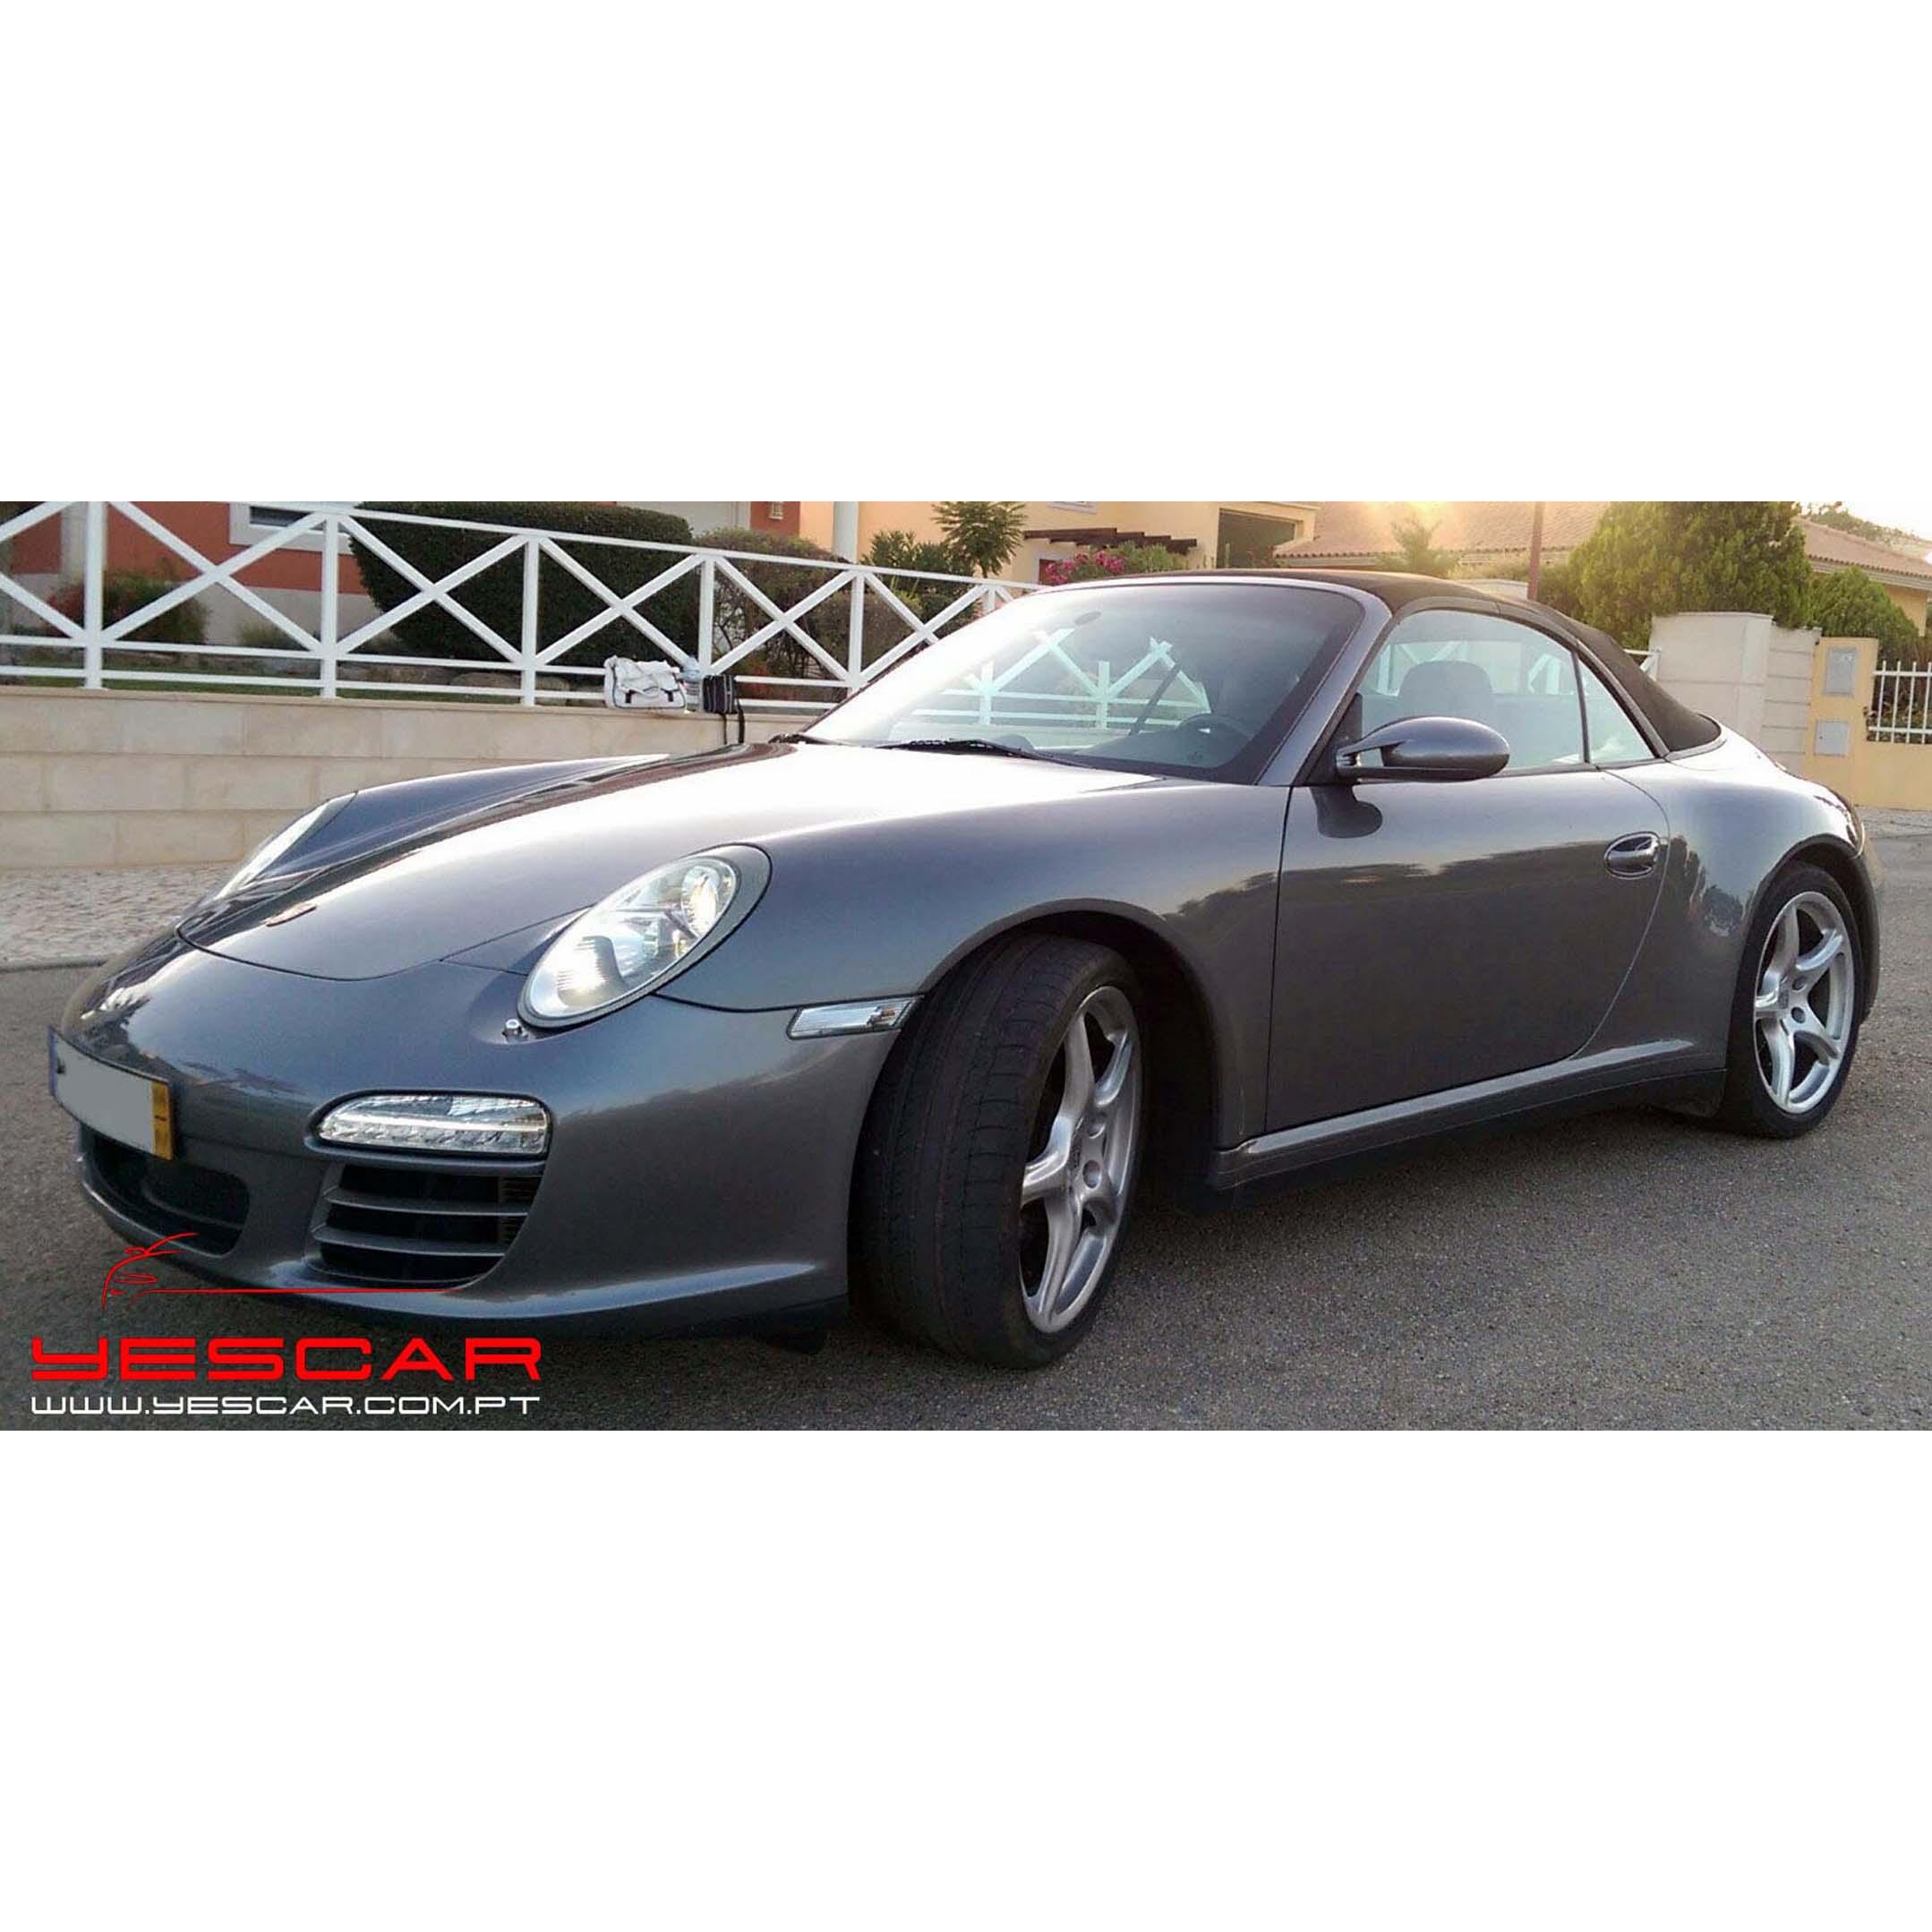 YESCAR_Porsche_911 (12)